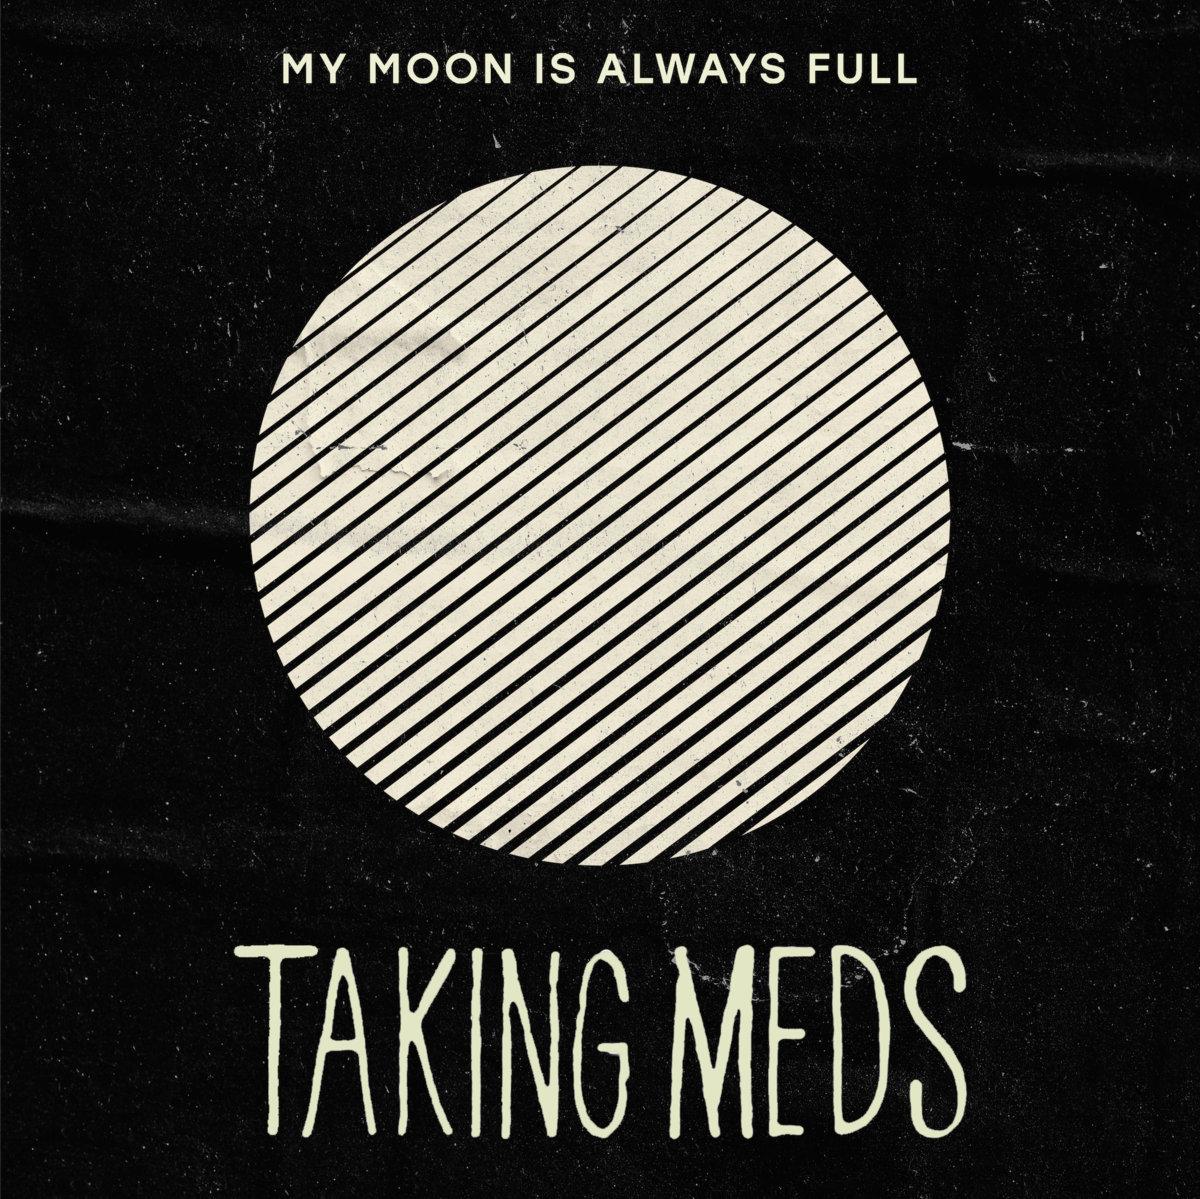 """PREMIERE: Taking Meds, """"My Moon is Always Full"""""""